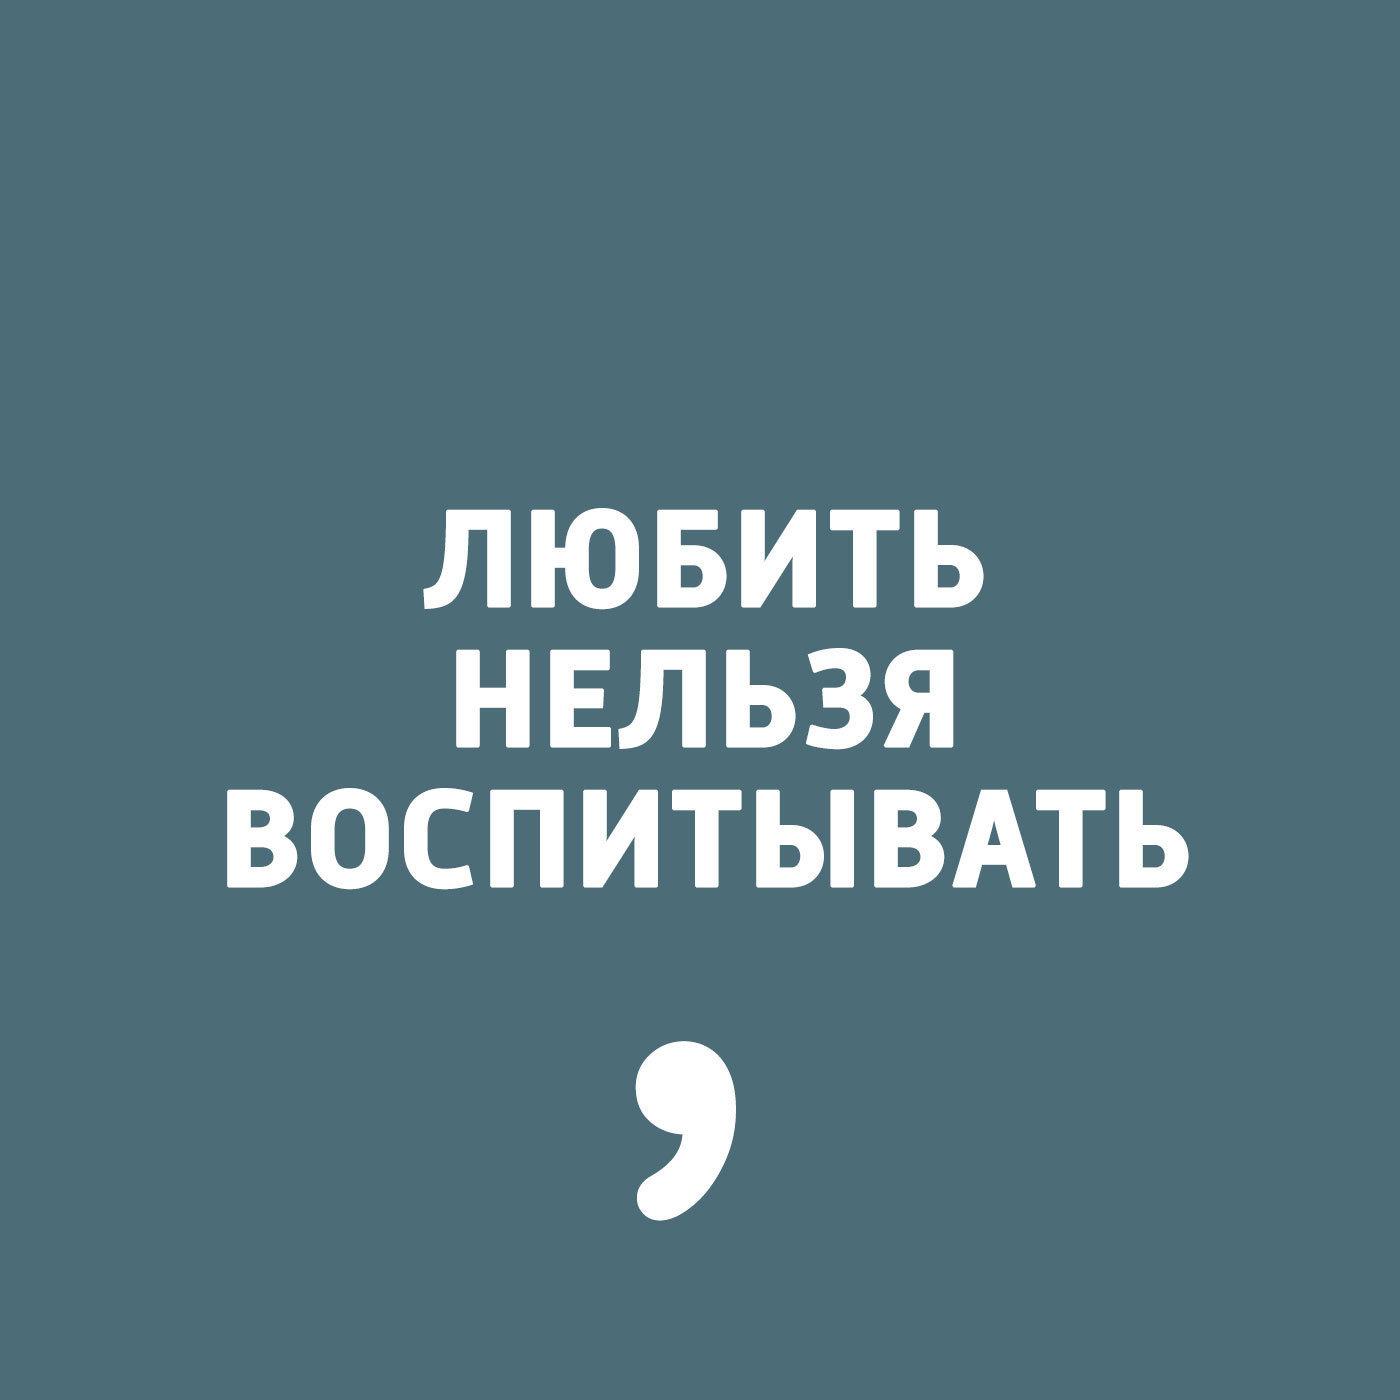 Дима Зицер Выпуск 42 дима зицер любить нельзя воспитывать